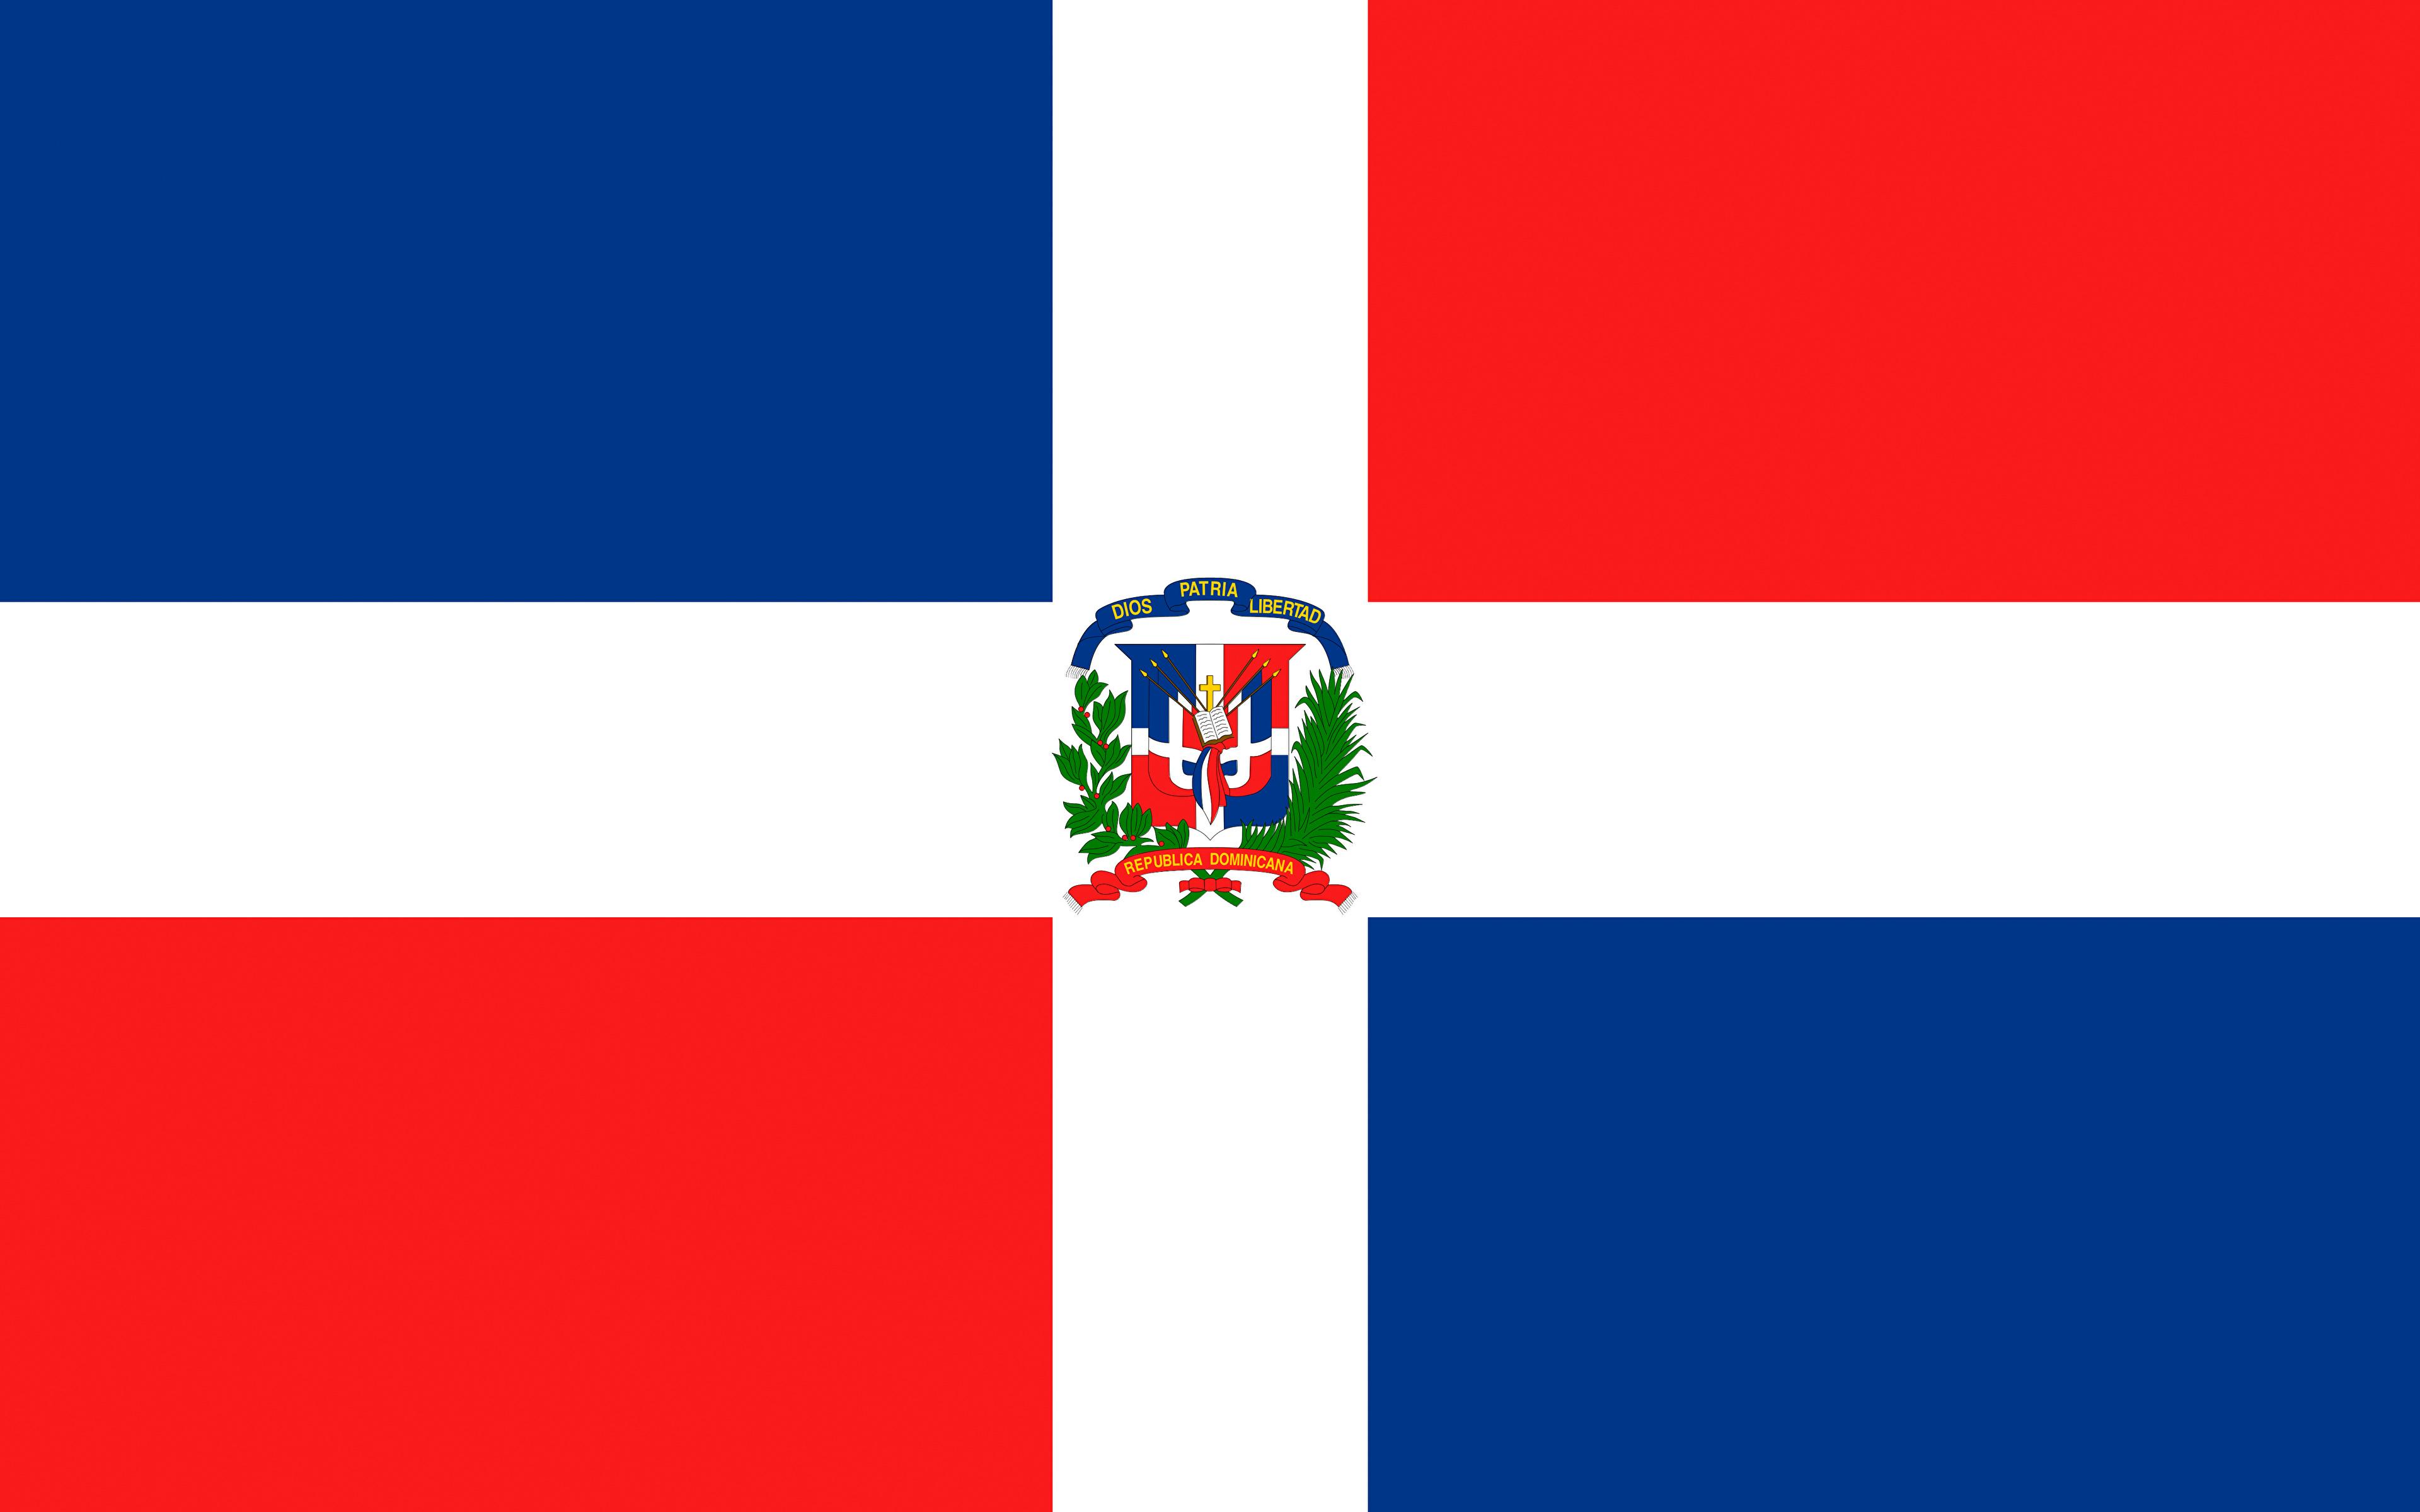 Wallpaper Dominican Republic Flag Cross 3840x2400 3840x2400